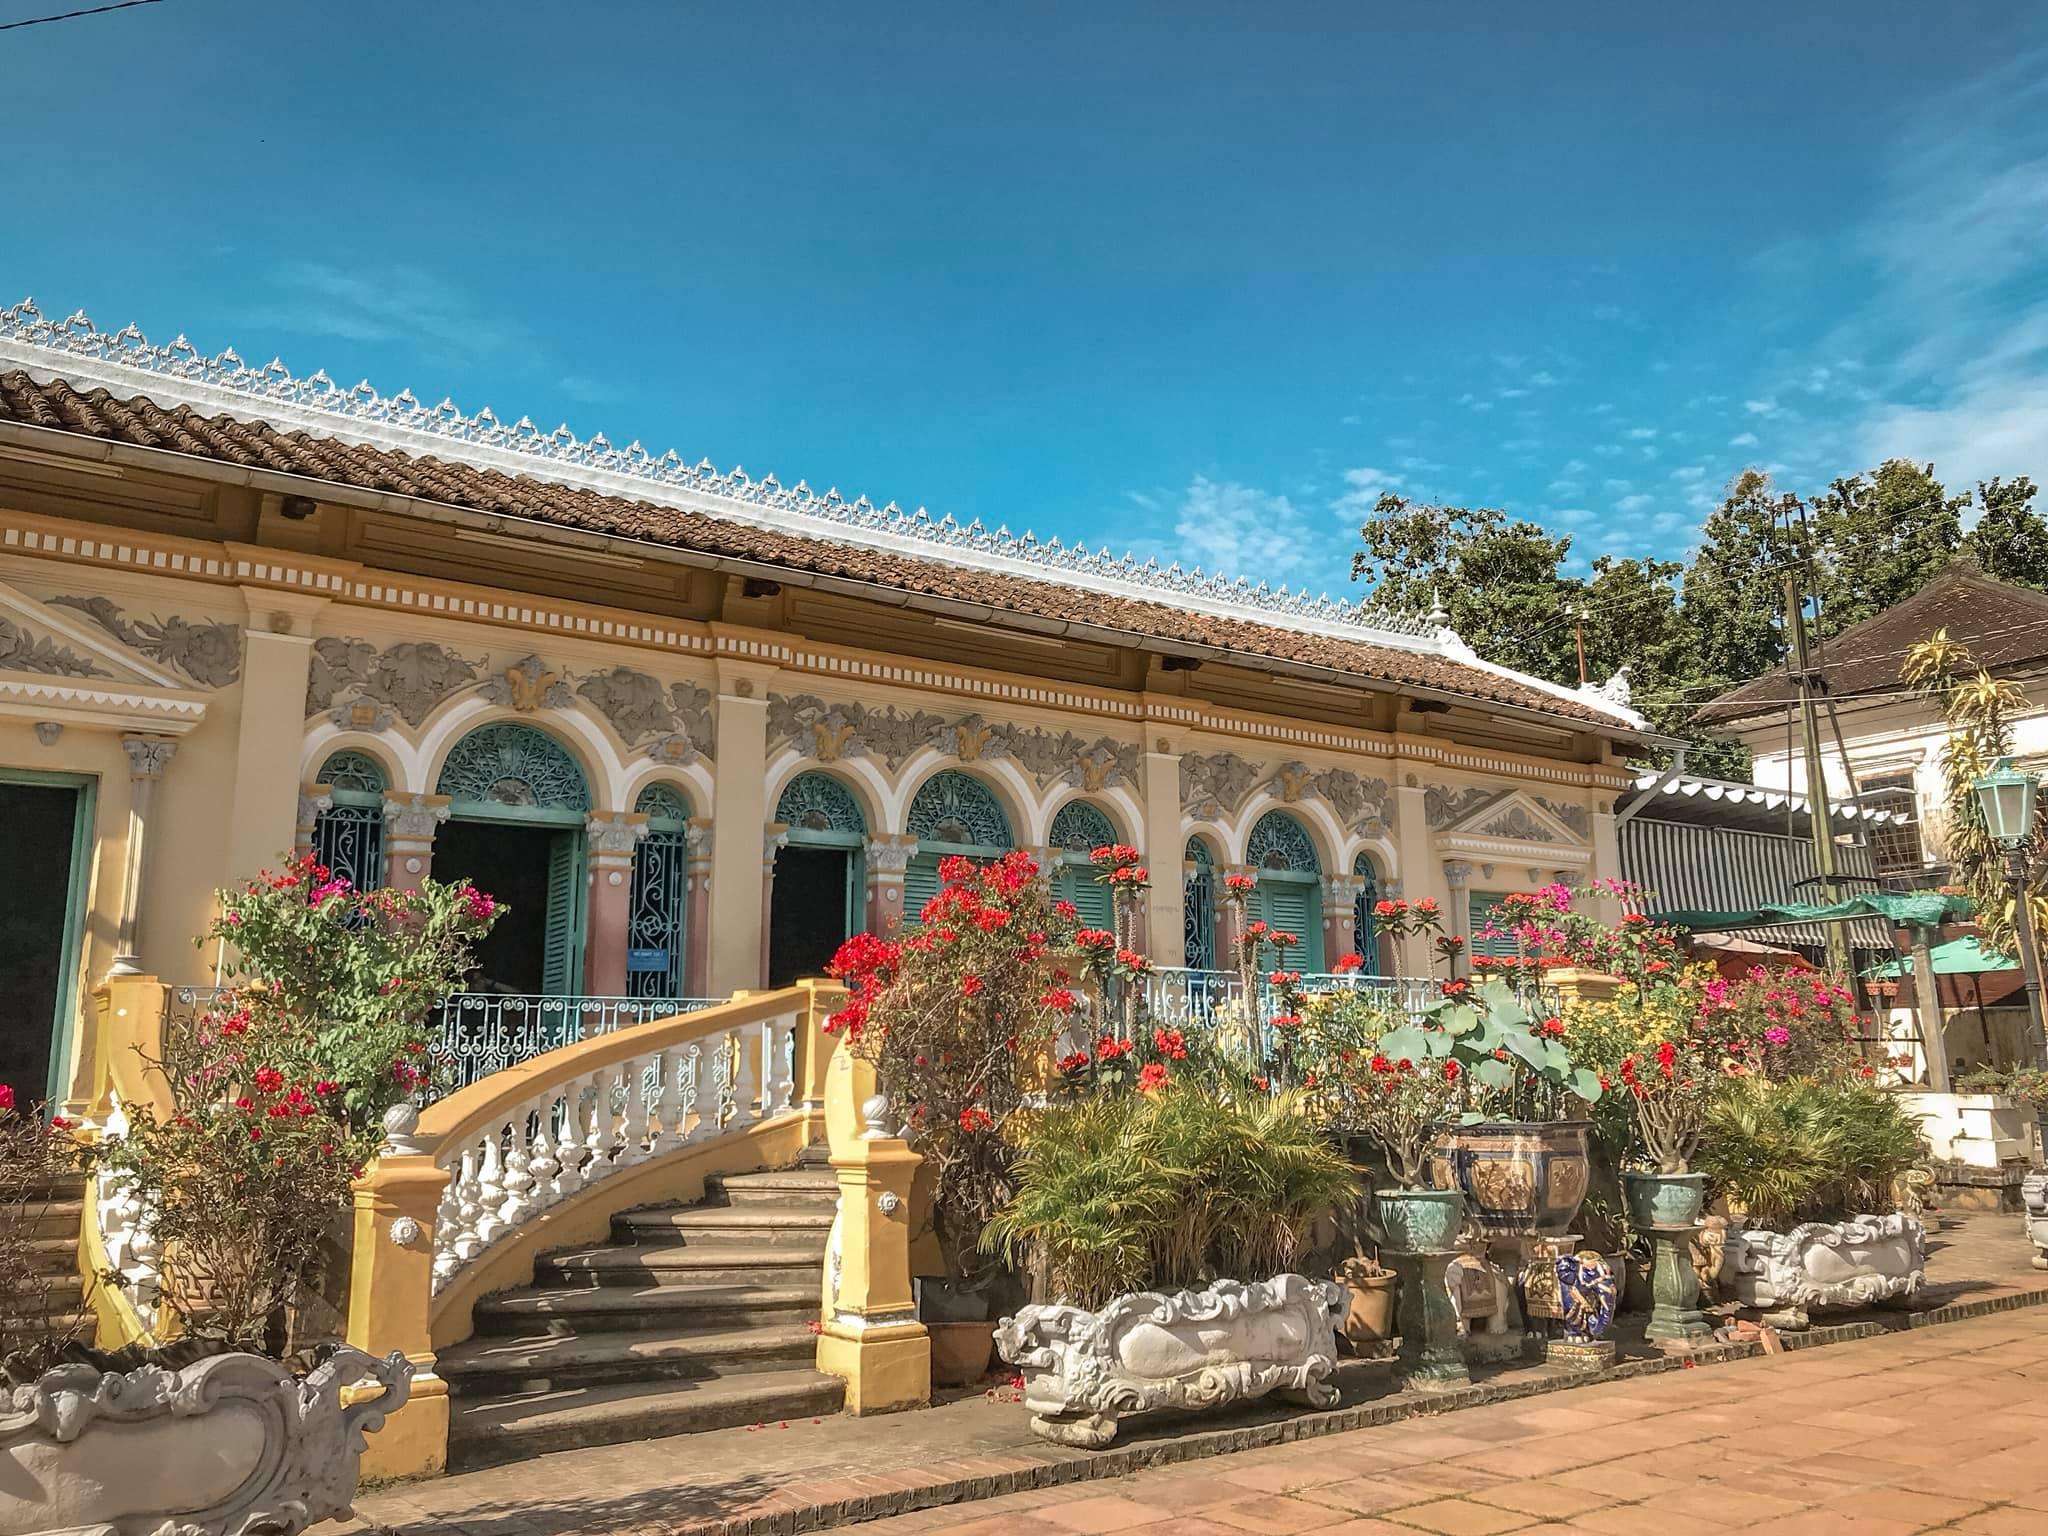 Vẻ đẹp nhà cổ Bình Thủy, địa điểm tham quan trăm tuổi tại Cần Thơ  - Ảnh 5.